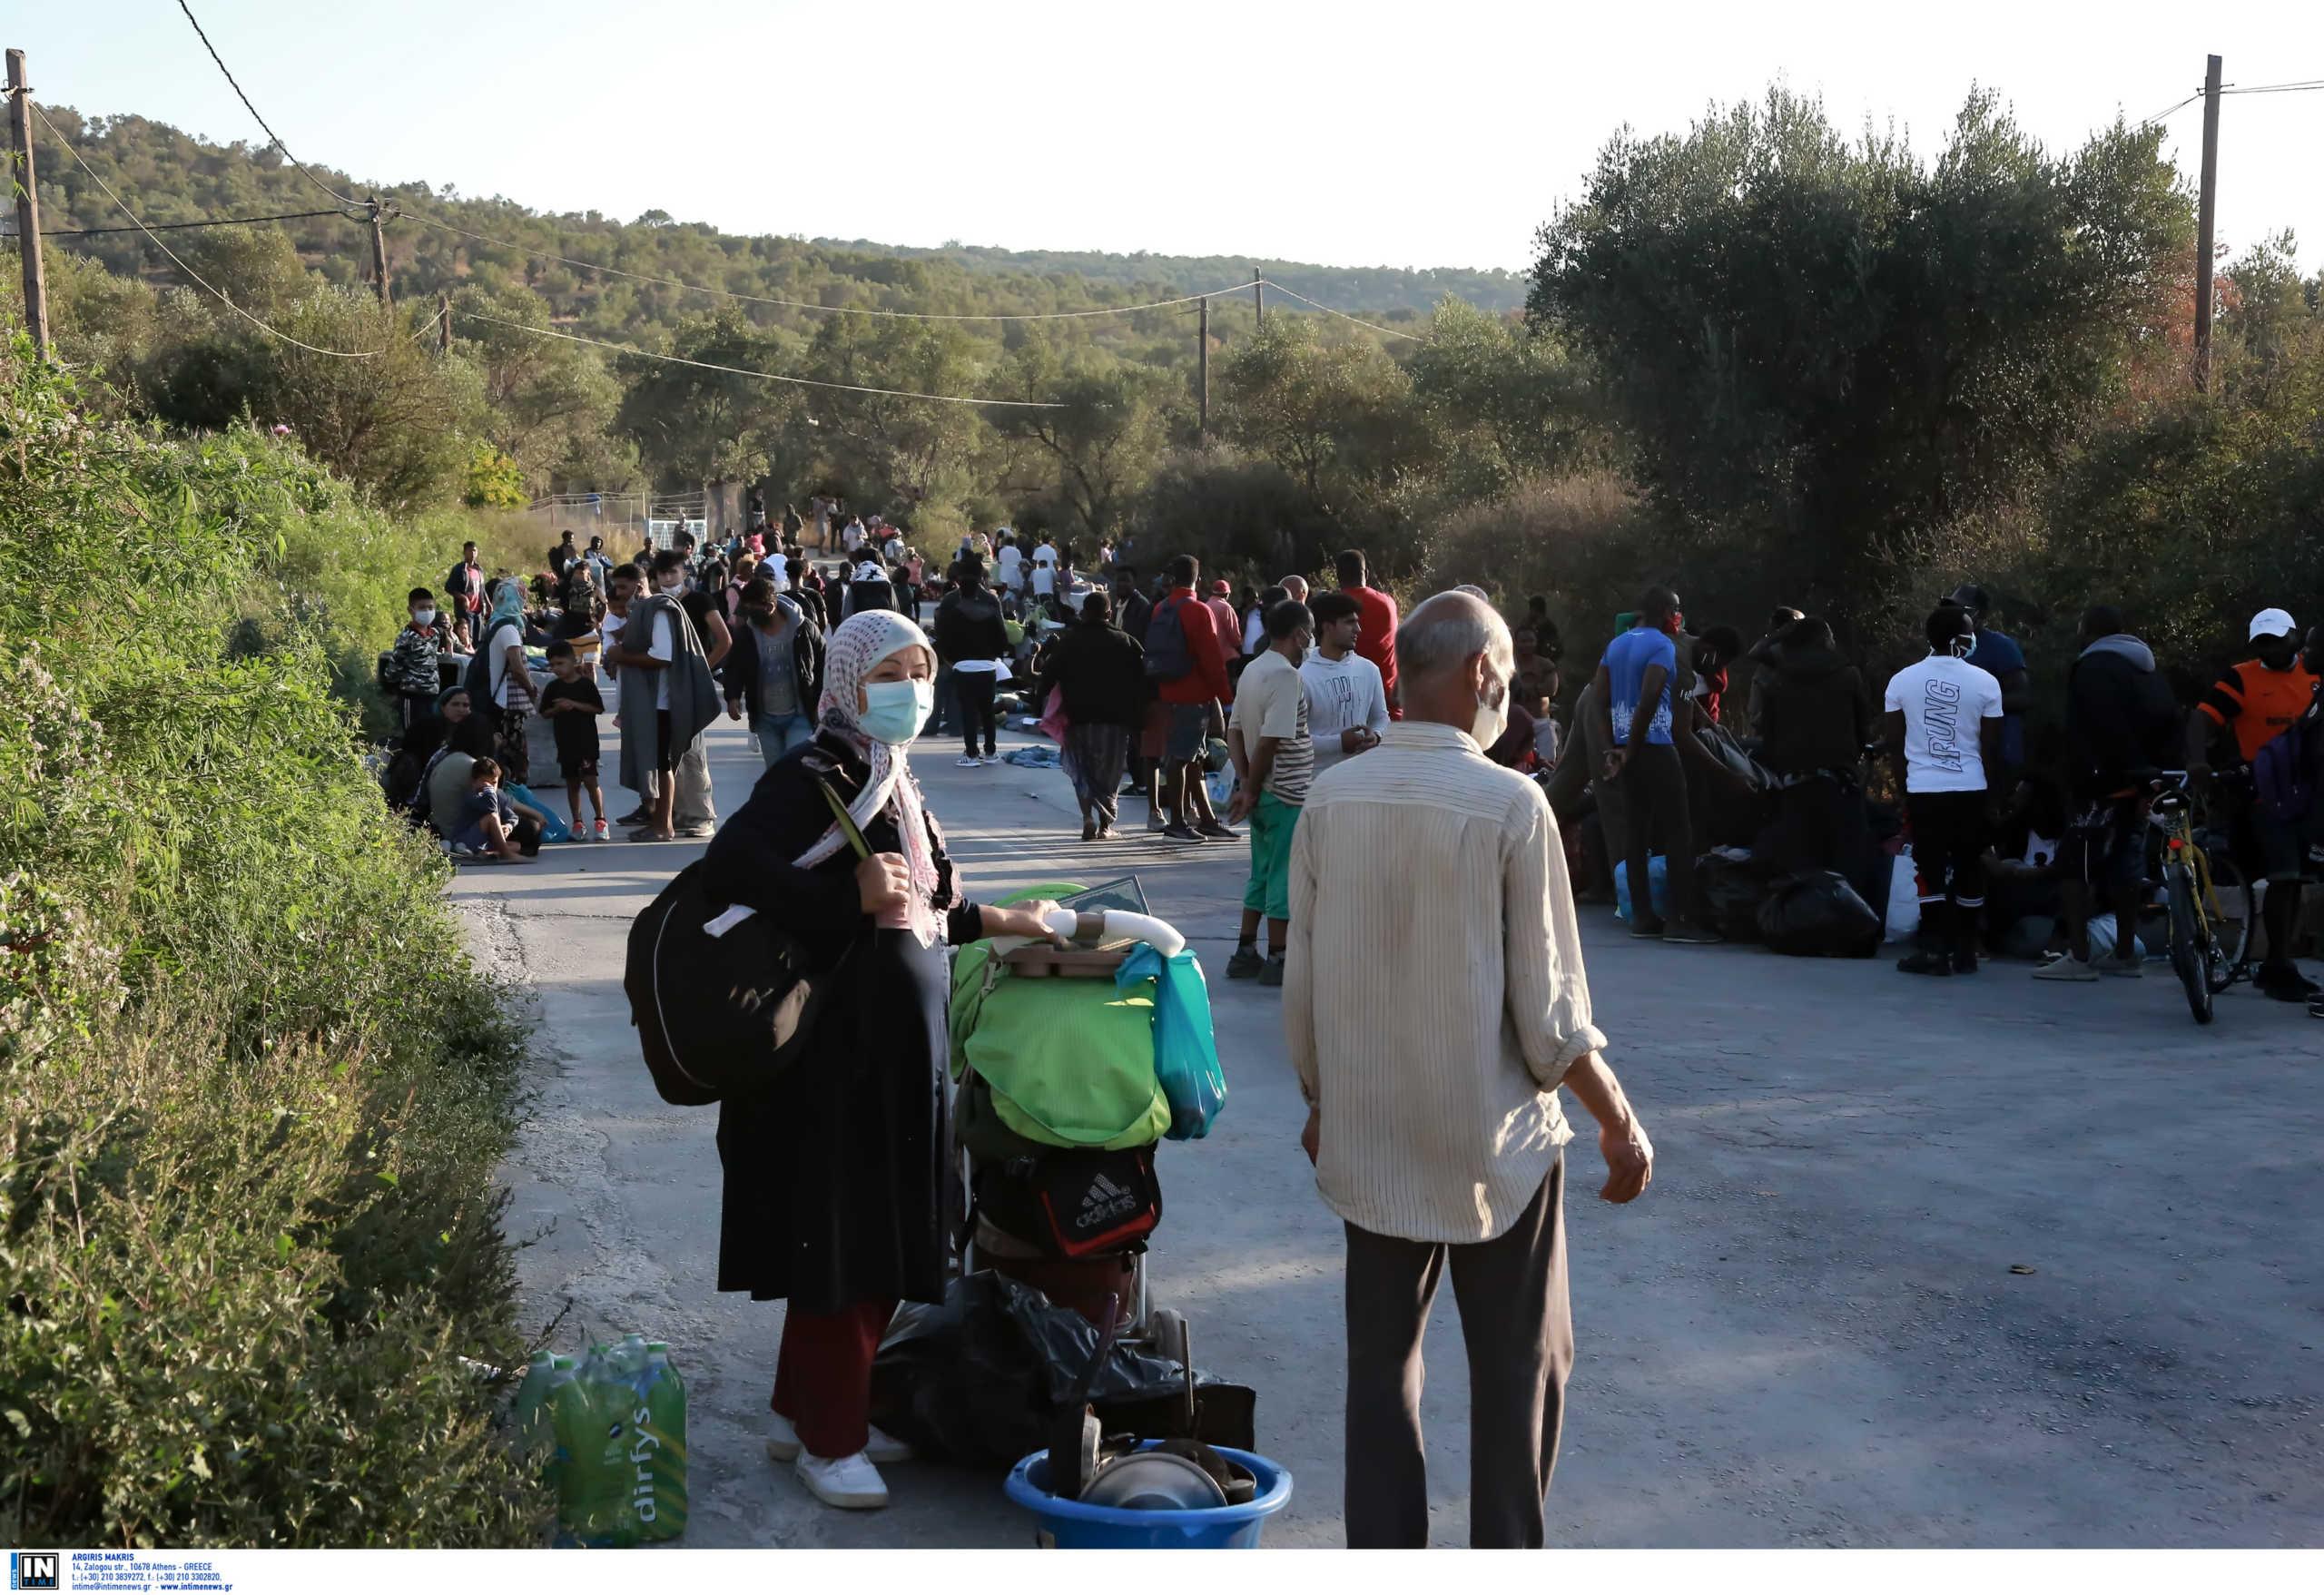 Μόρια: 13.000 άστεγοι και εικόνες απόλυτης καταστροφής – Σε κατάσταση έκτακτης ανάγκης η Λέσβος για 4 μήνες